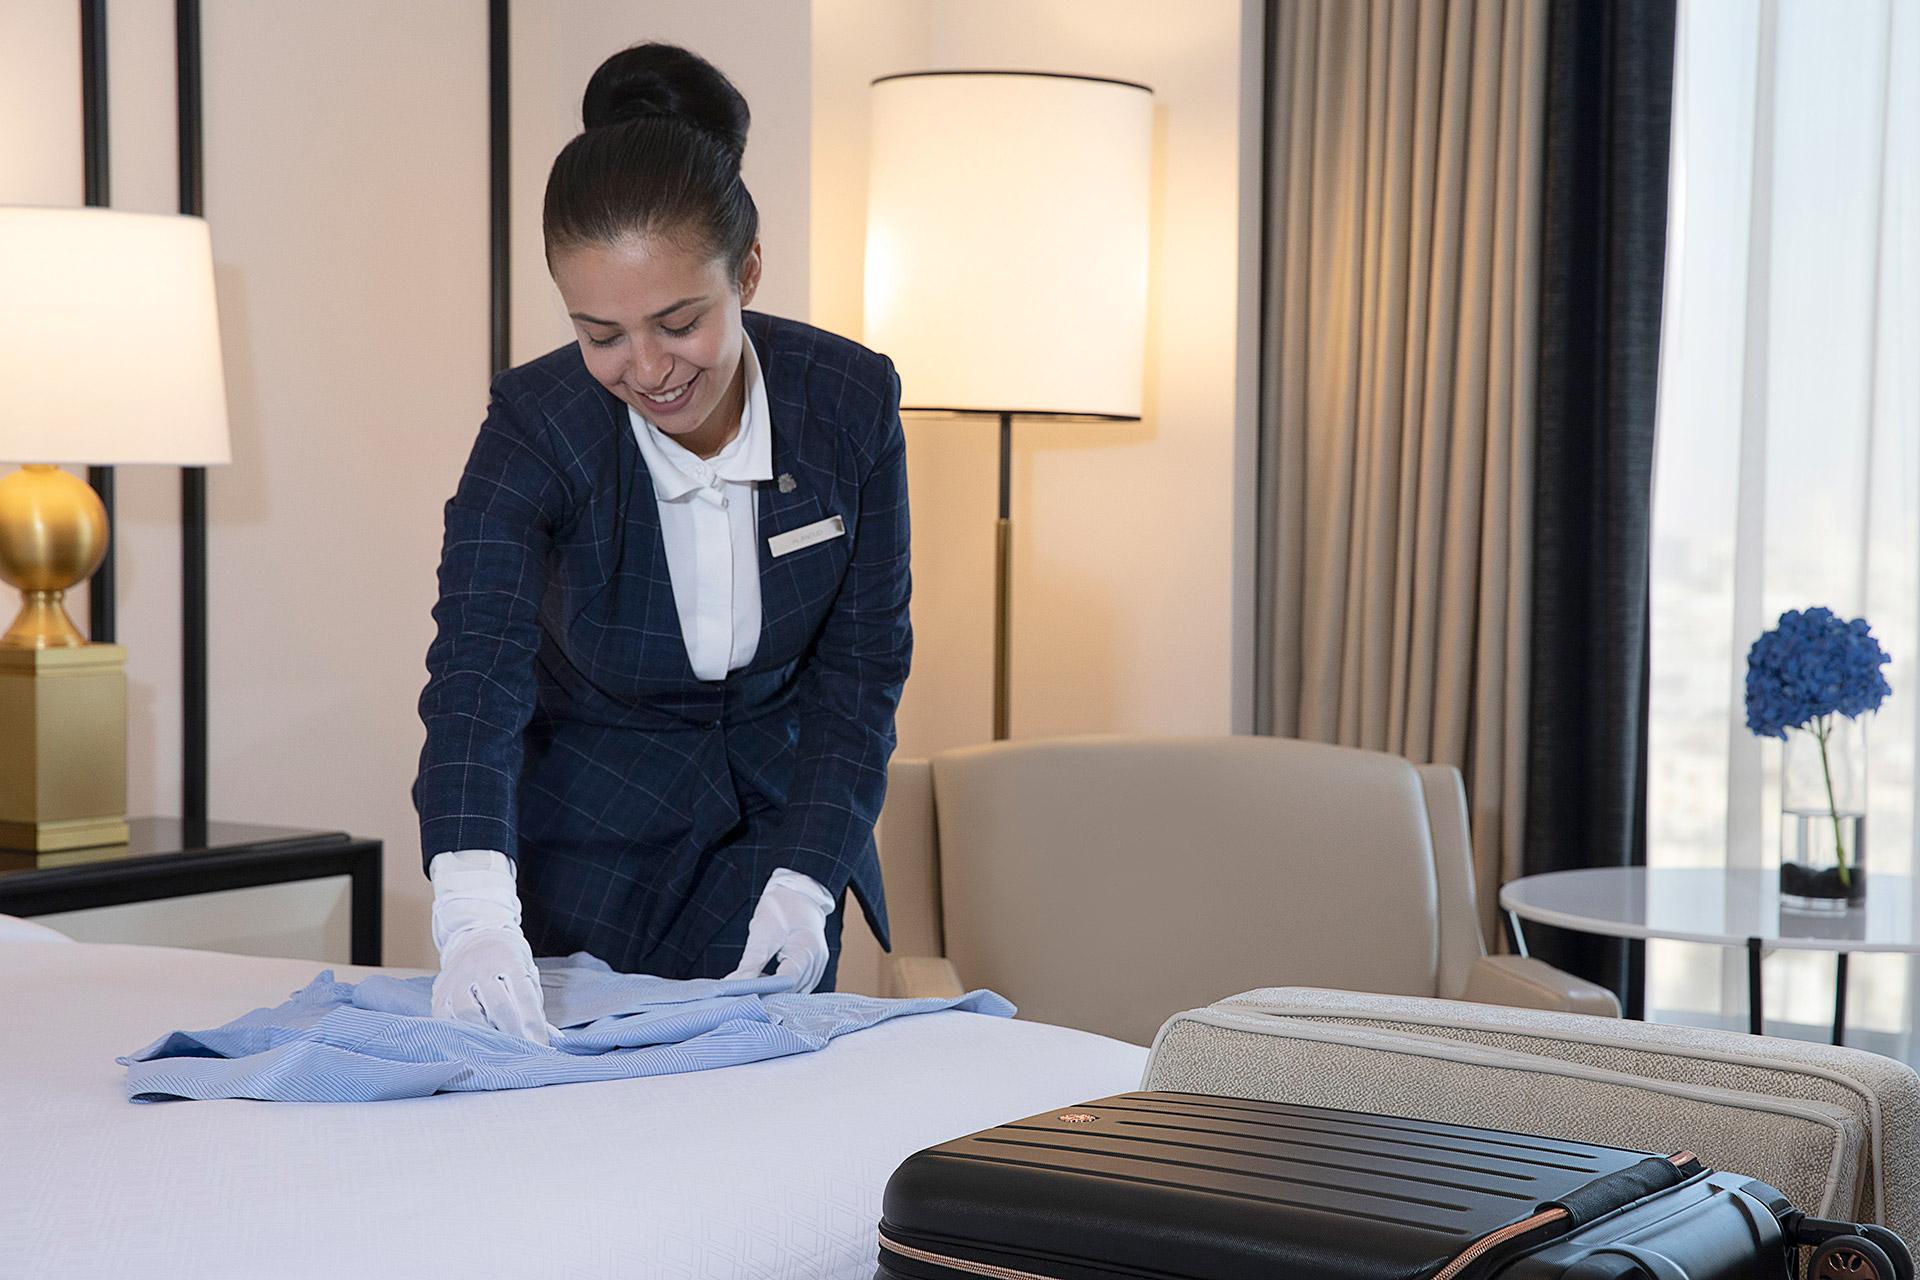 hotel_lifestyle_photography18